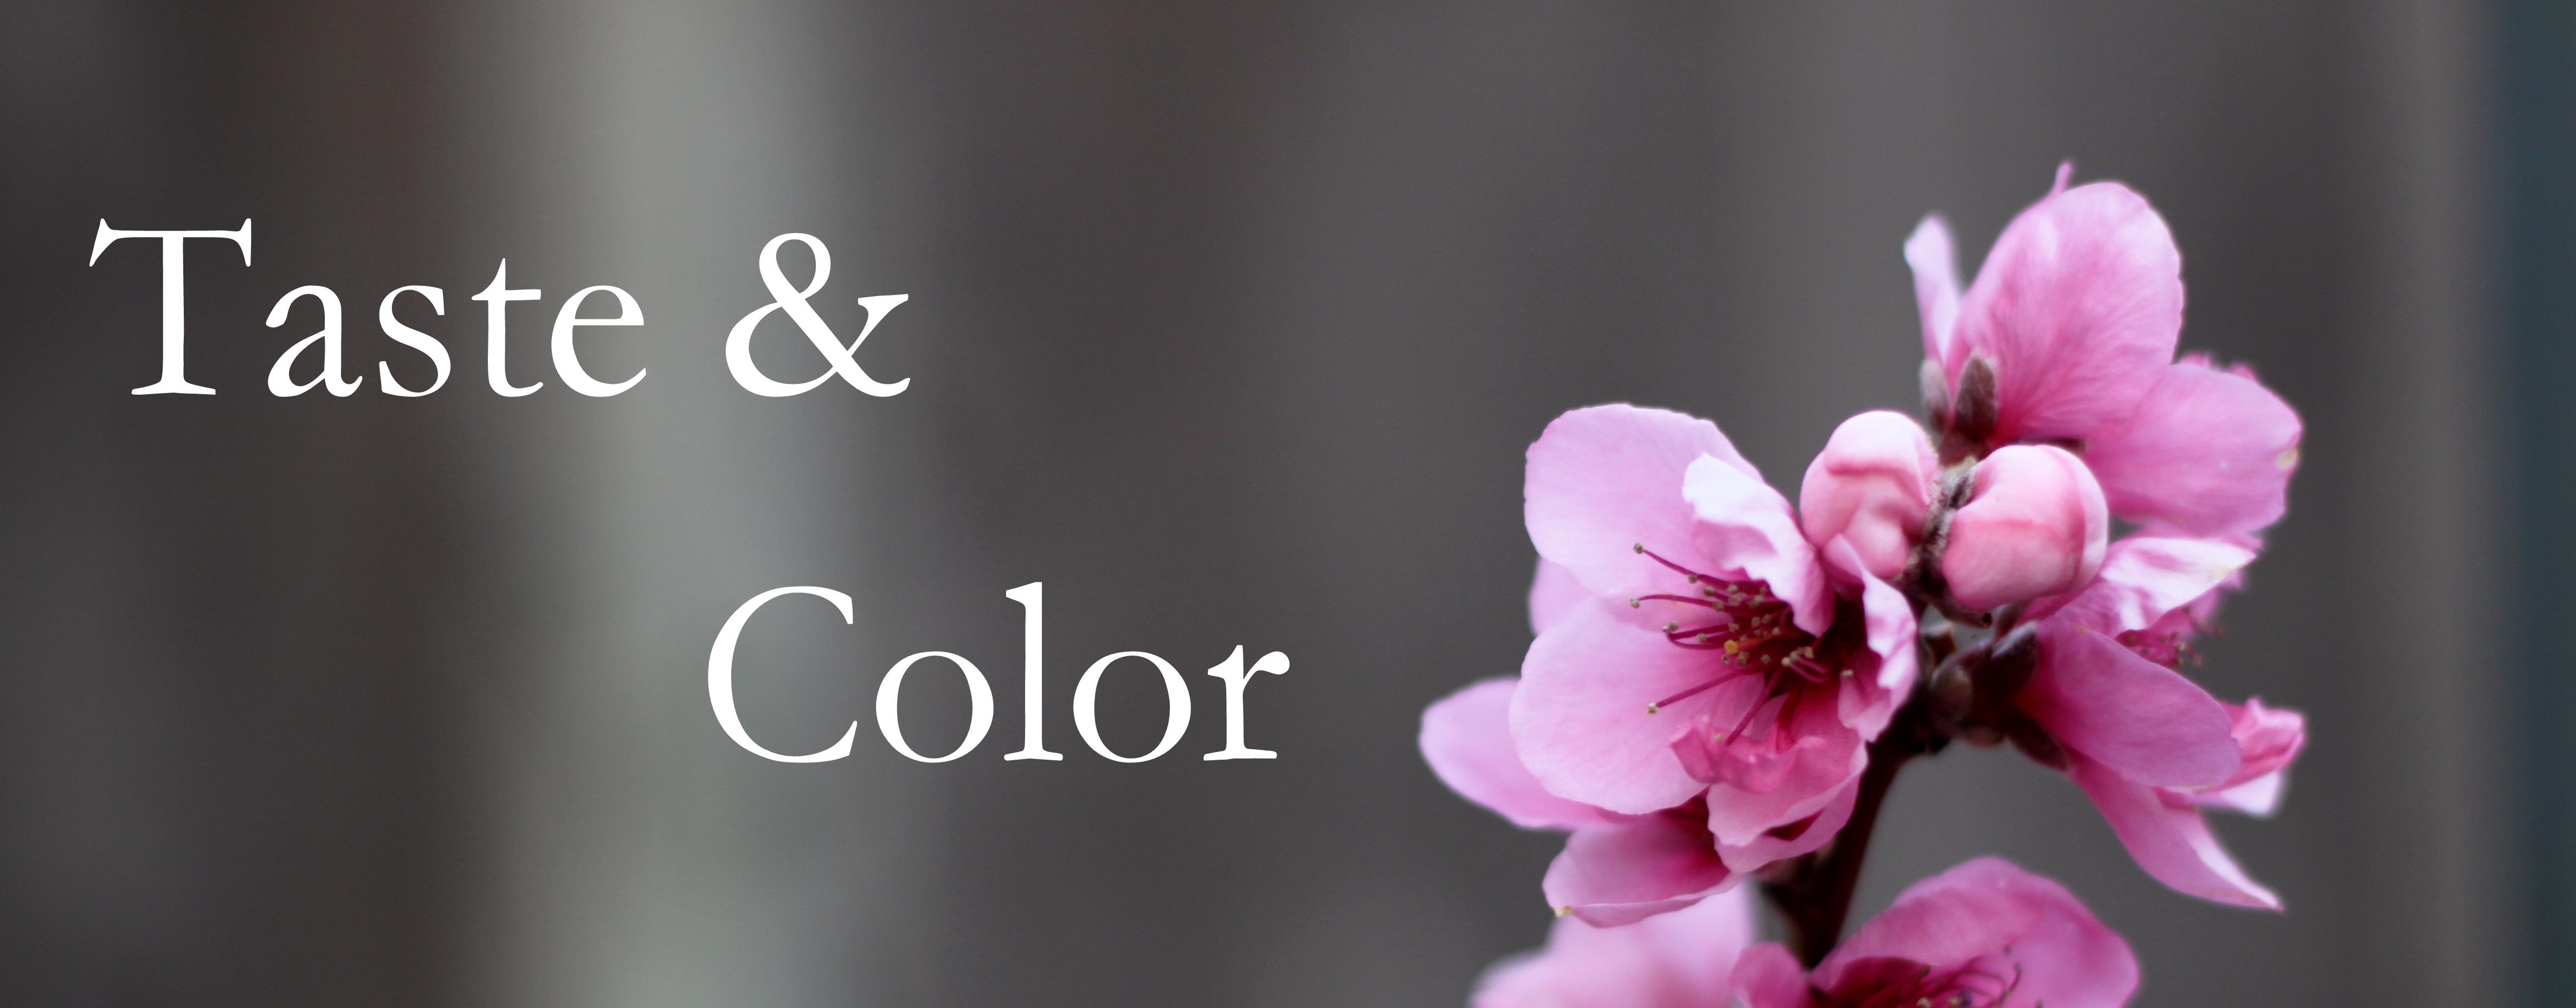 Taste & Color